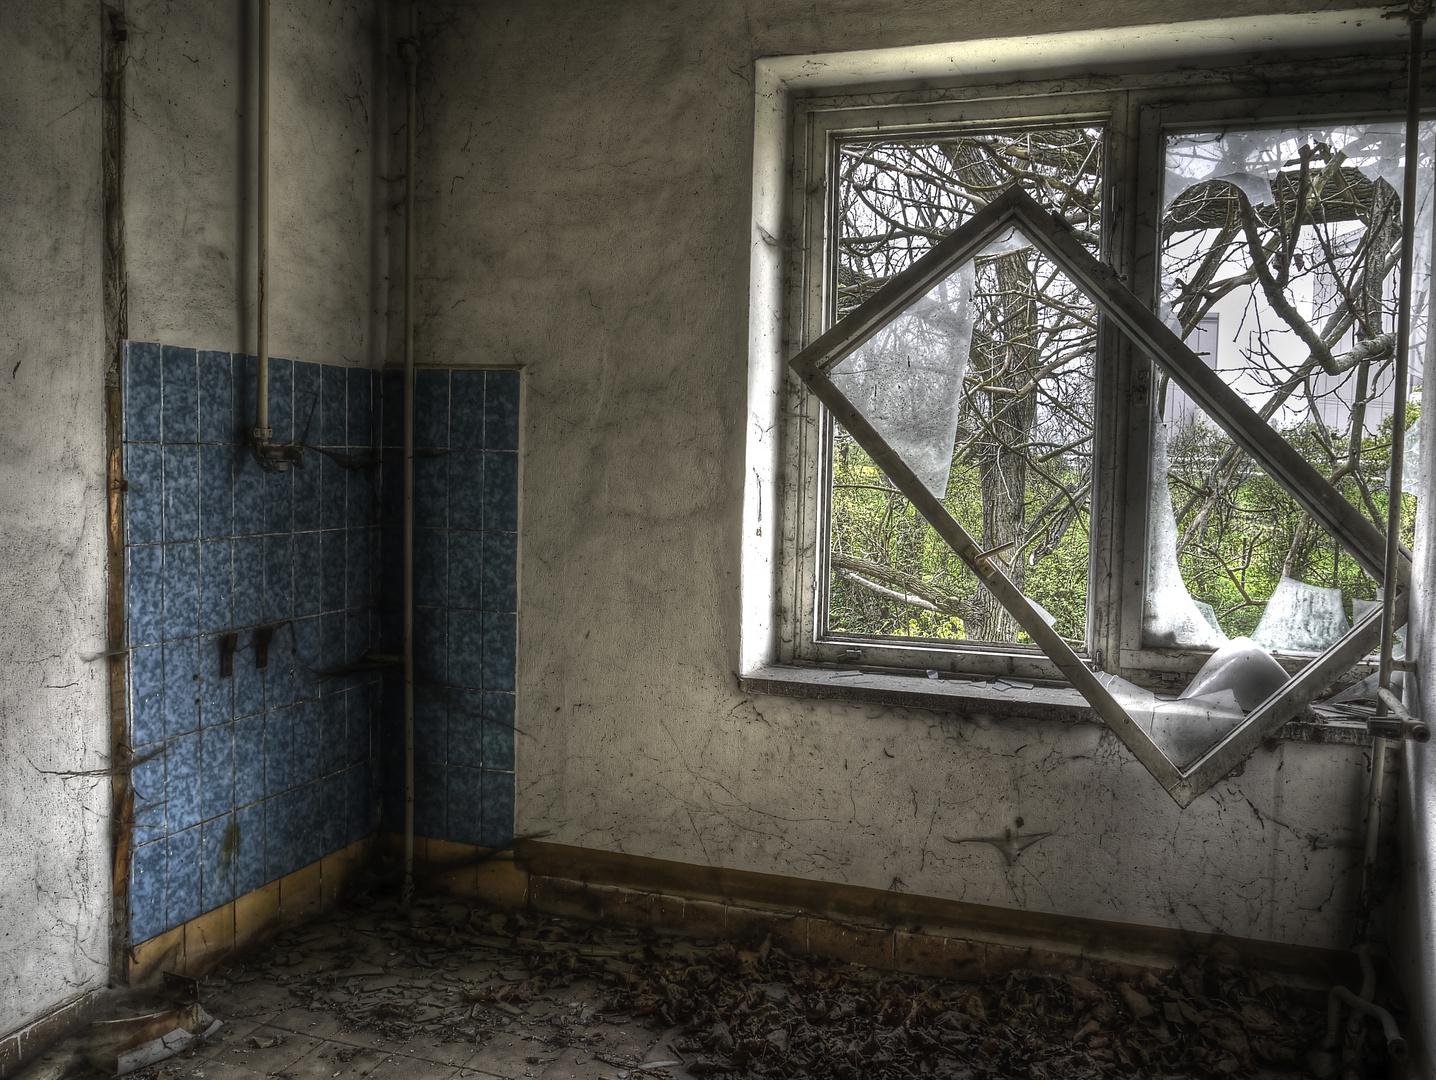 aus dem rahmen fallen foto bild bearbeitungs techniken hdri tm zeitz bilder auf. Black Bedroom Furniture Sets. Home Design Ideas